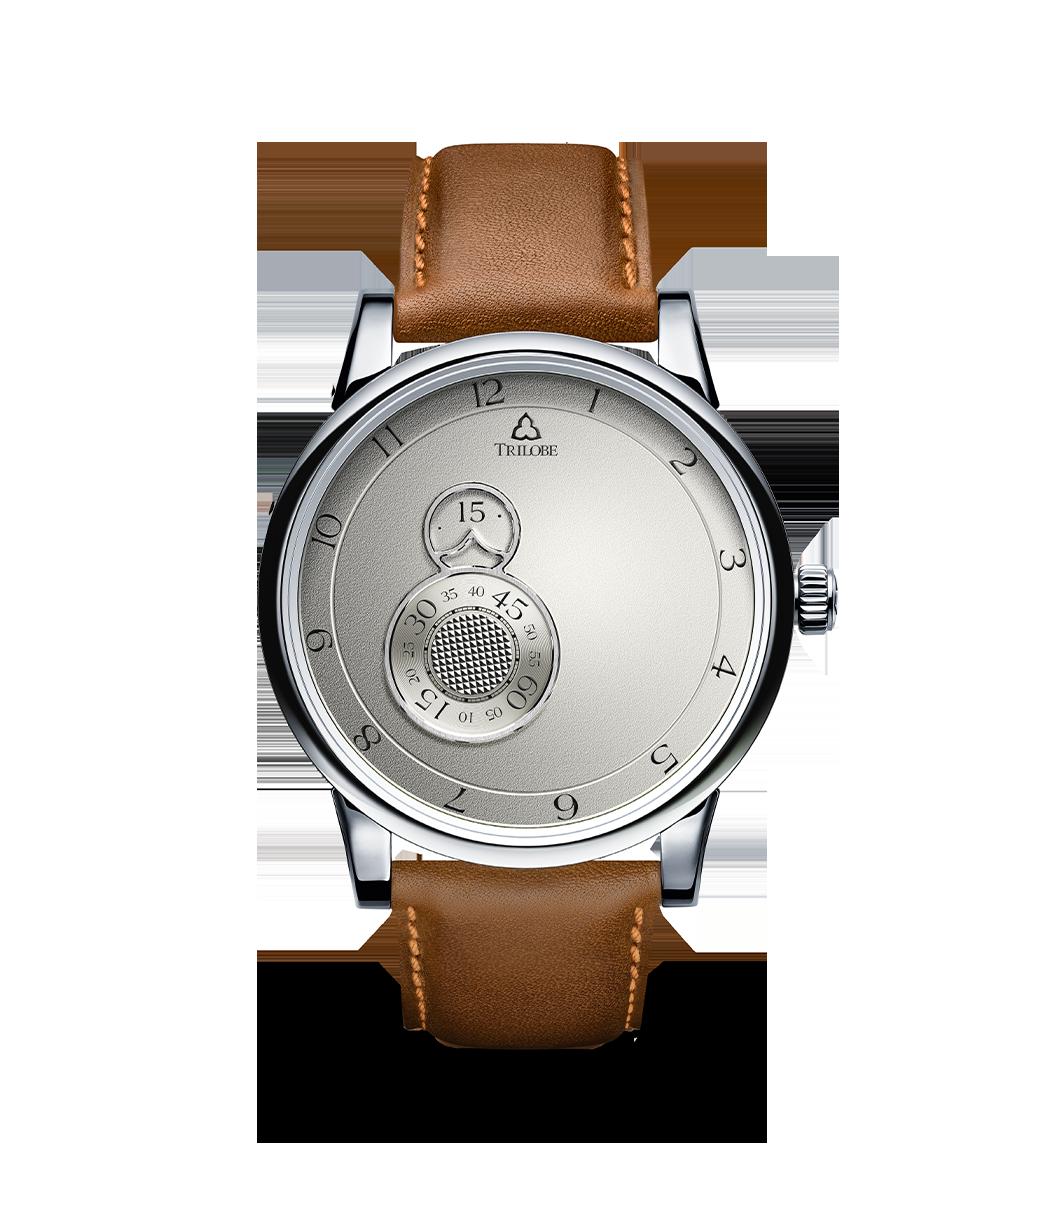 Montre Trilobe de la collection Nuit Fantastique, argent grainé.